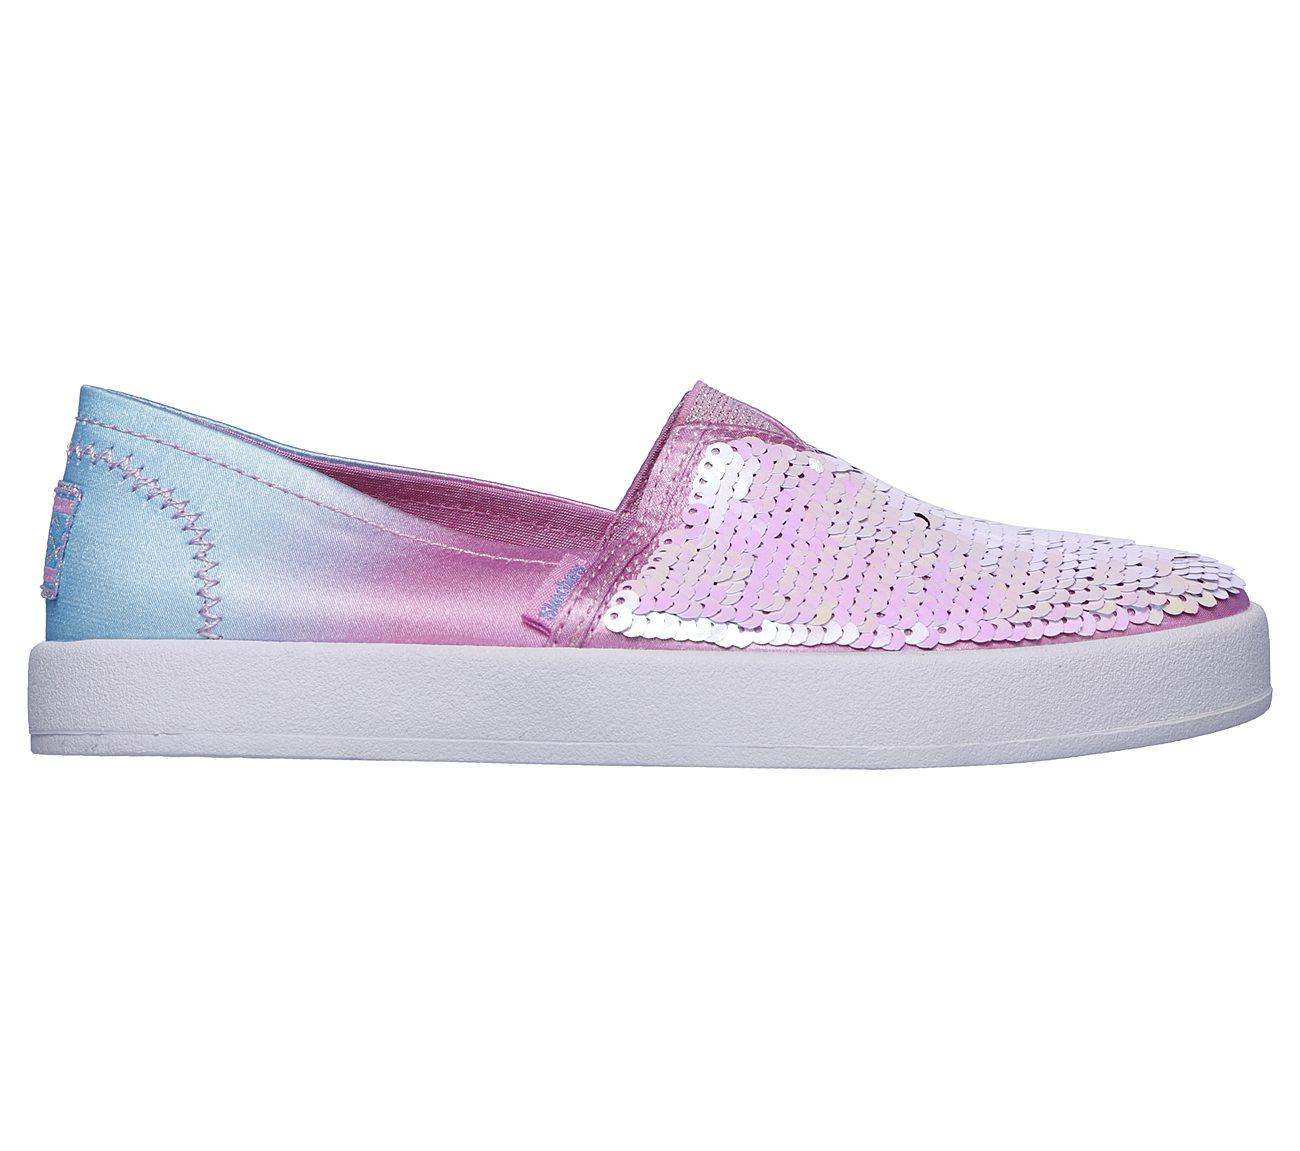 Skechers Kids B-Loved-Sassy Sequin Sneaker